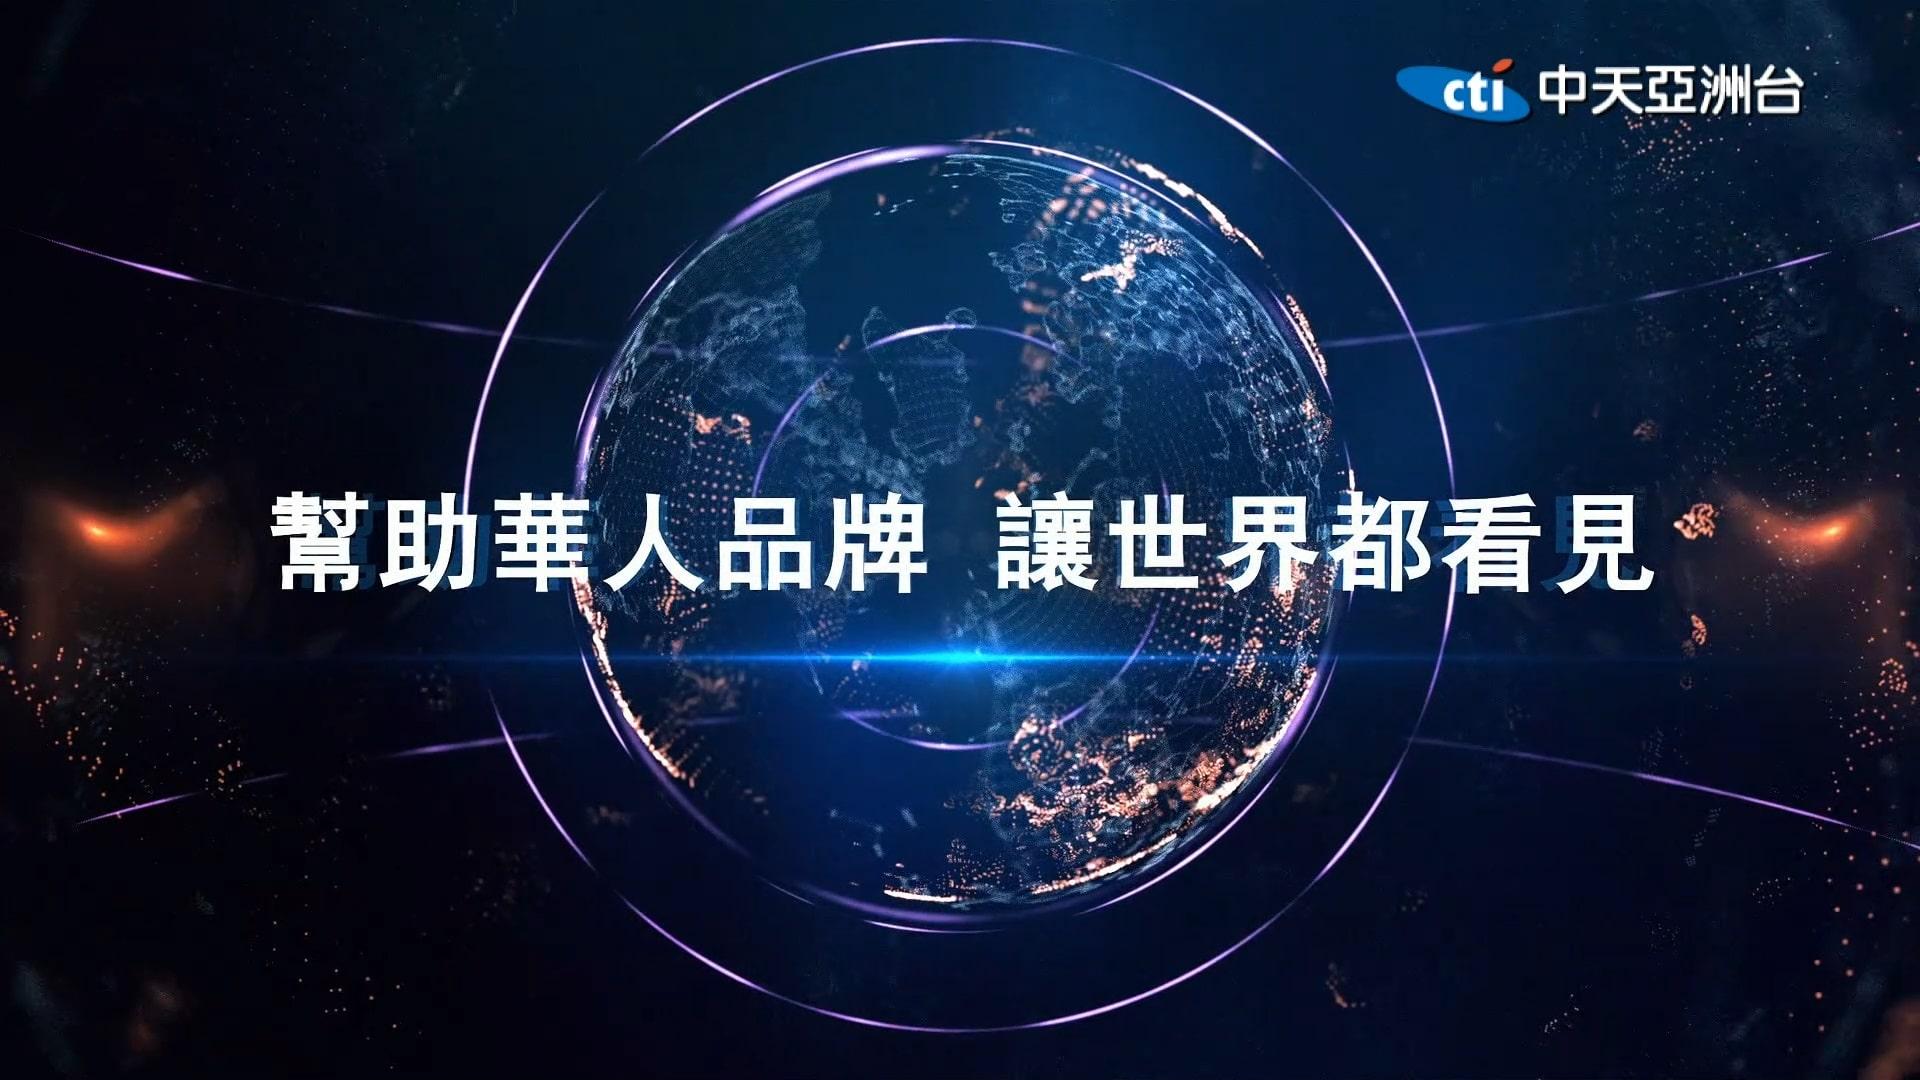 星澤國際-讓世界都看見-電視專訪節目